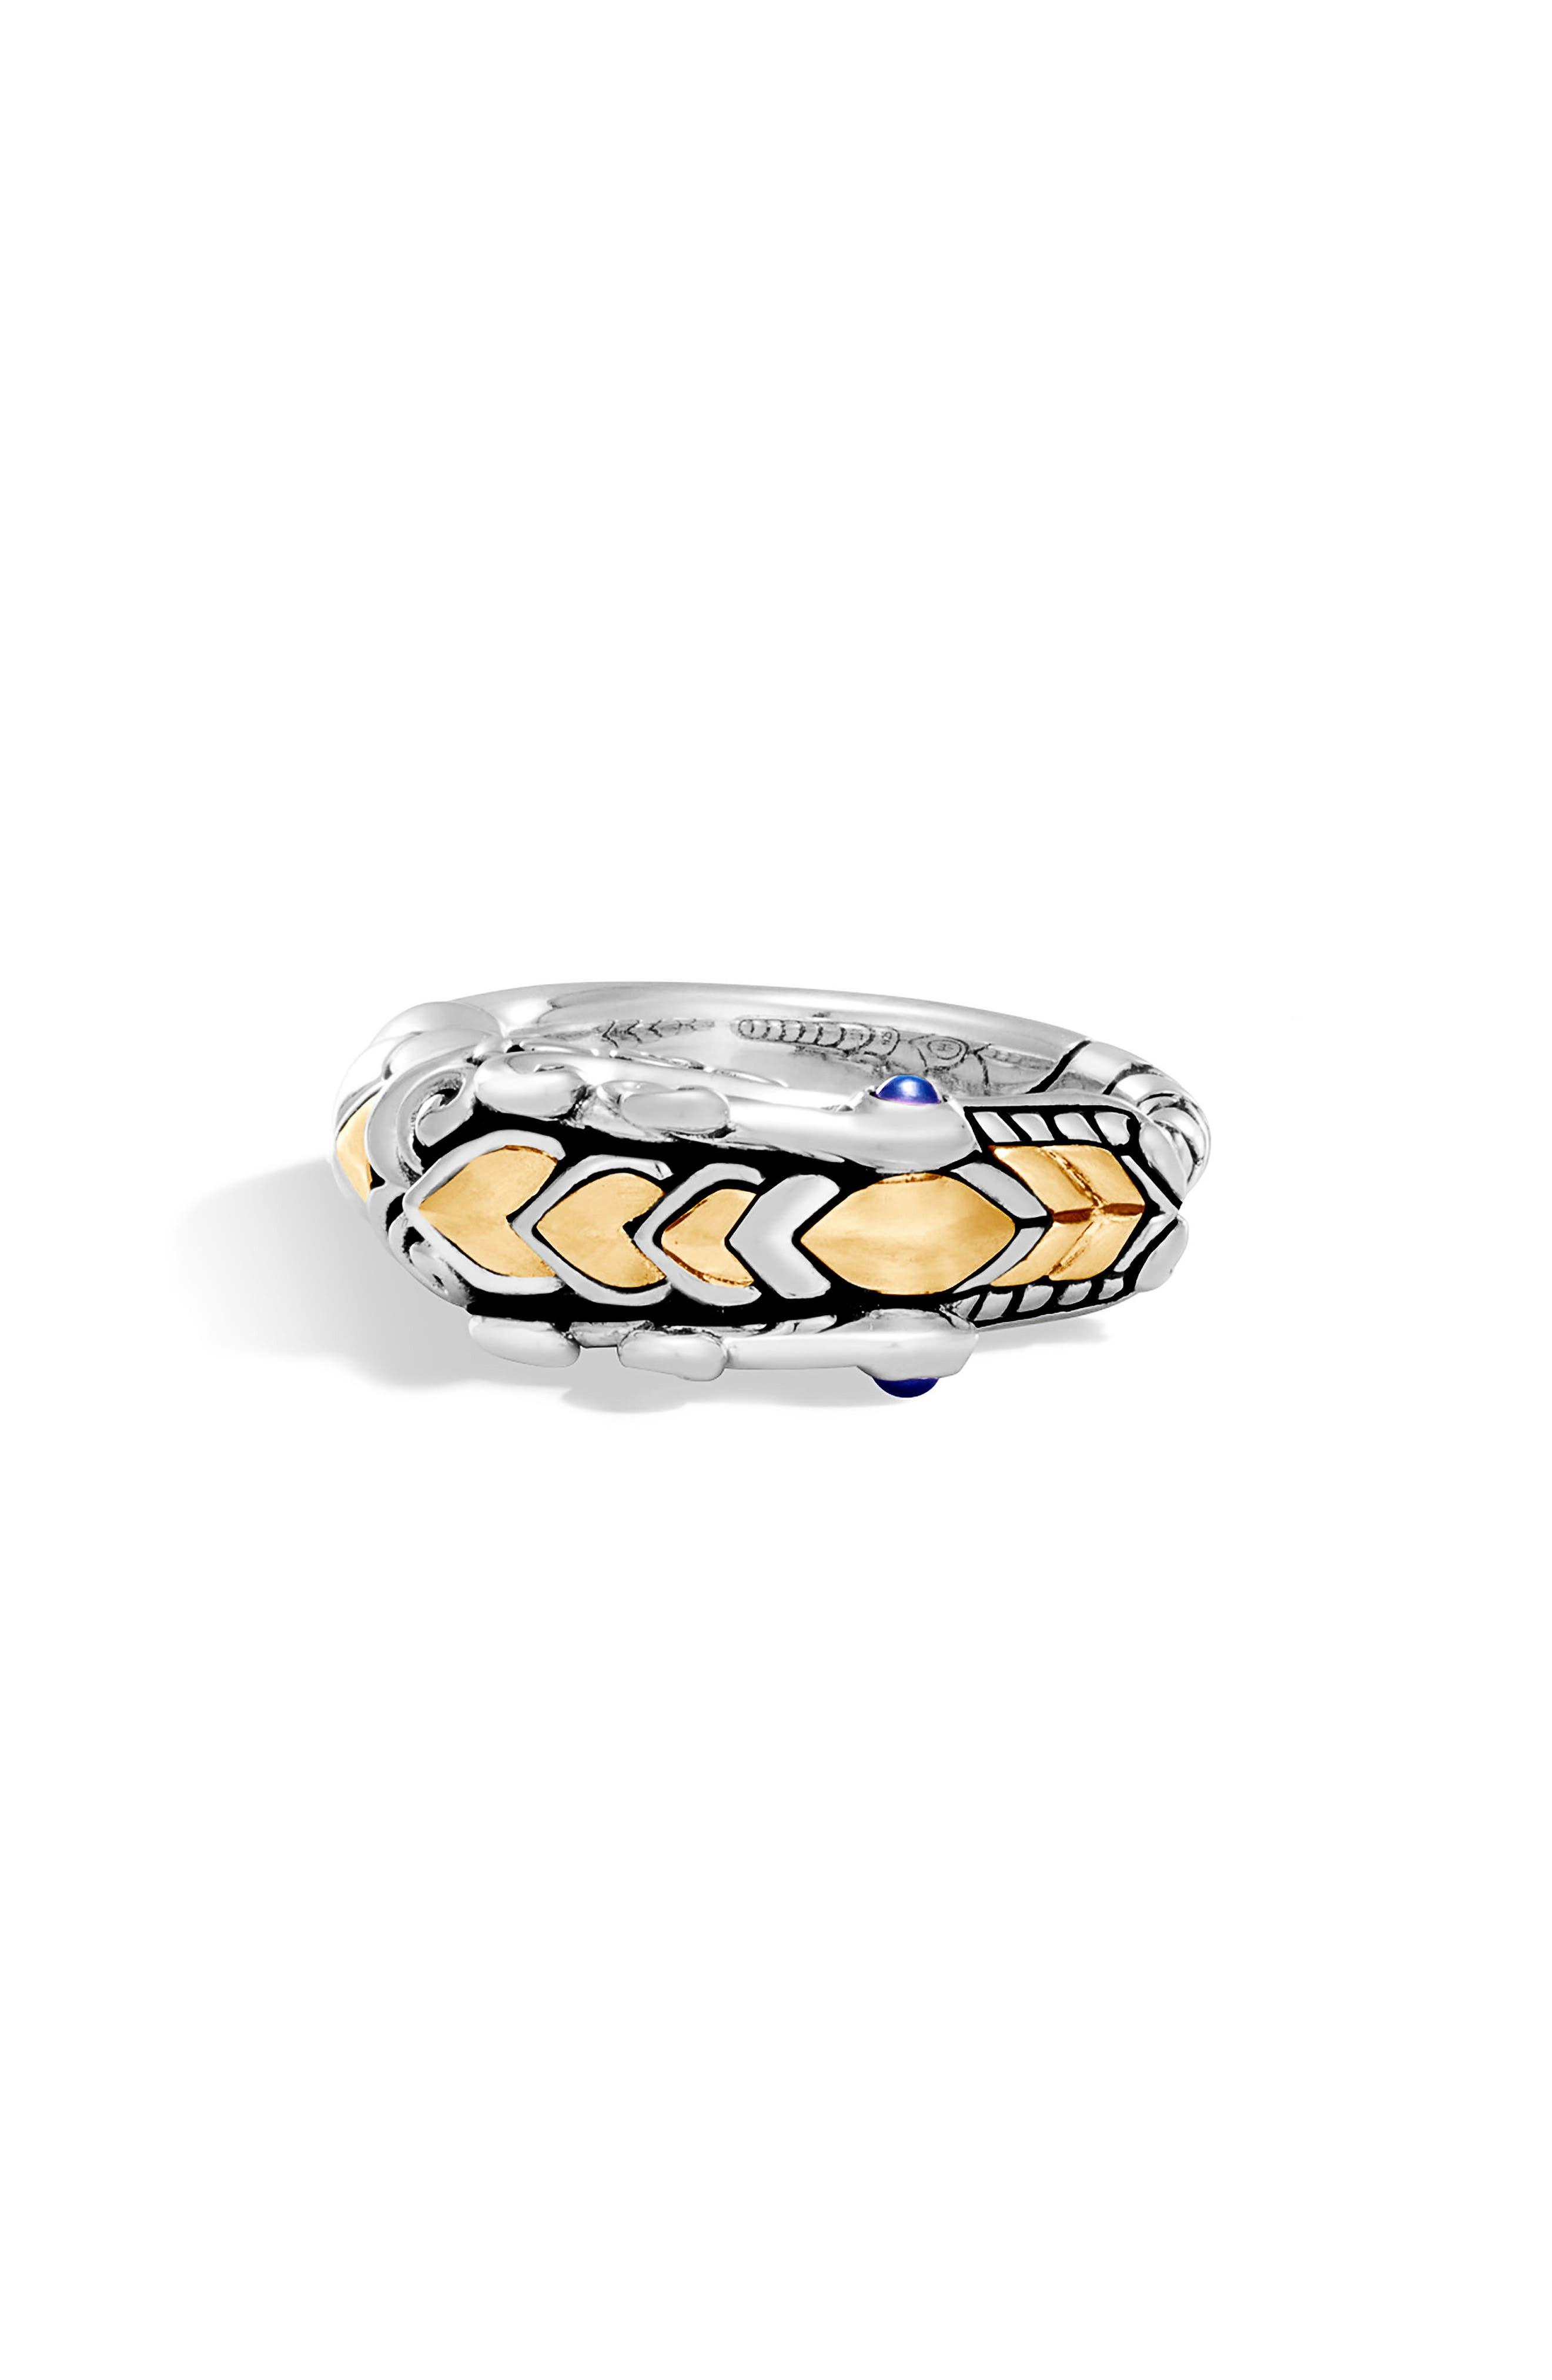 Legends Naga Ring,                         Main,                         color, SA 18YSS